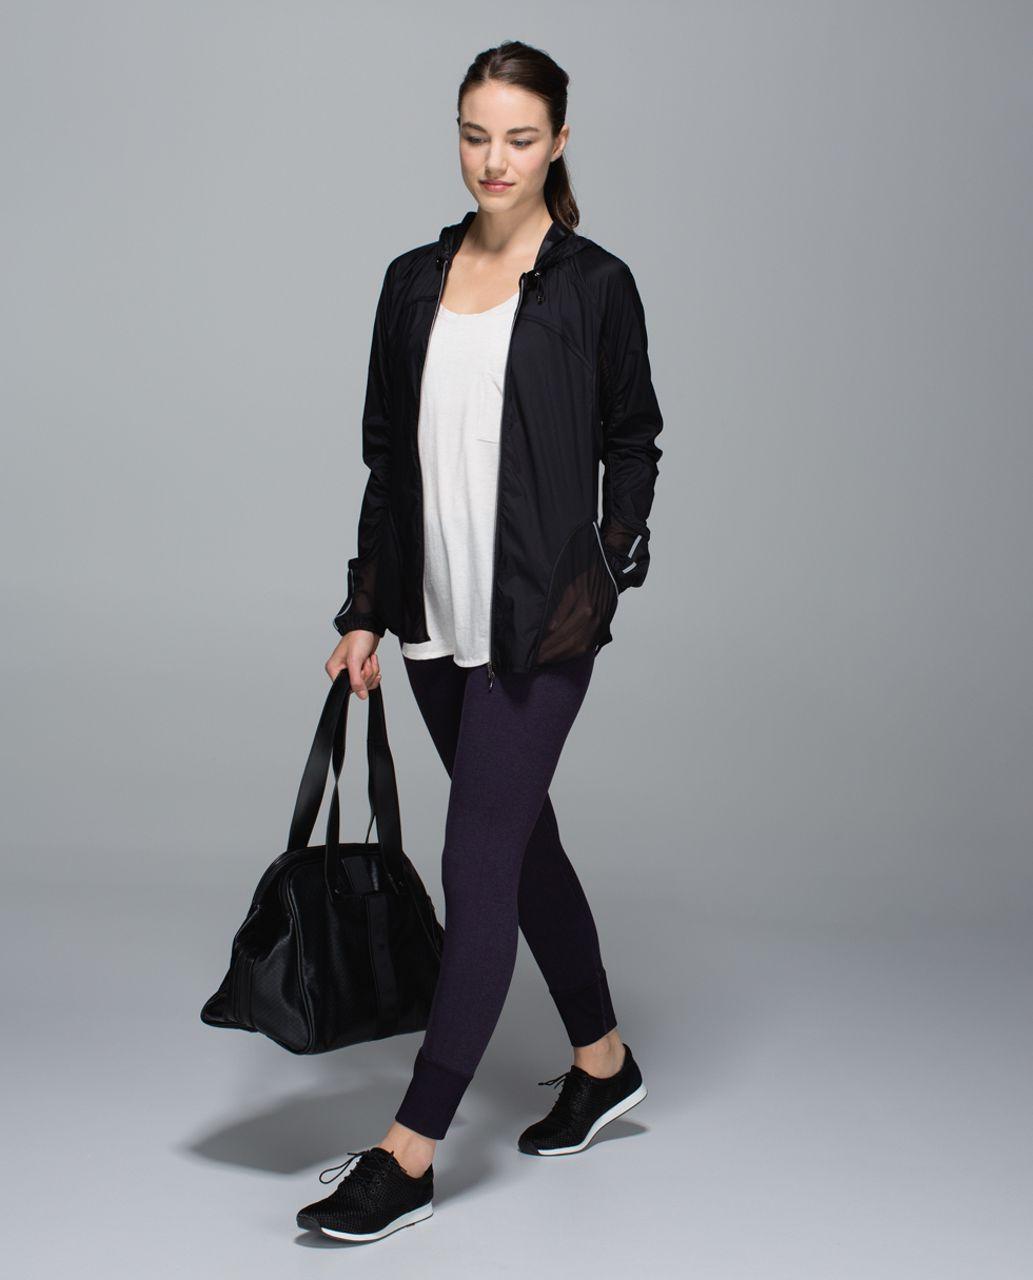 Lululemon Ebb To Street Pant - Heathered Black Grape